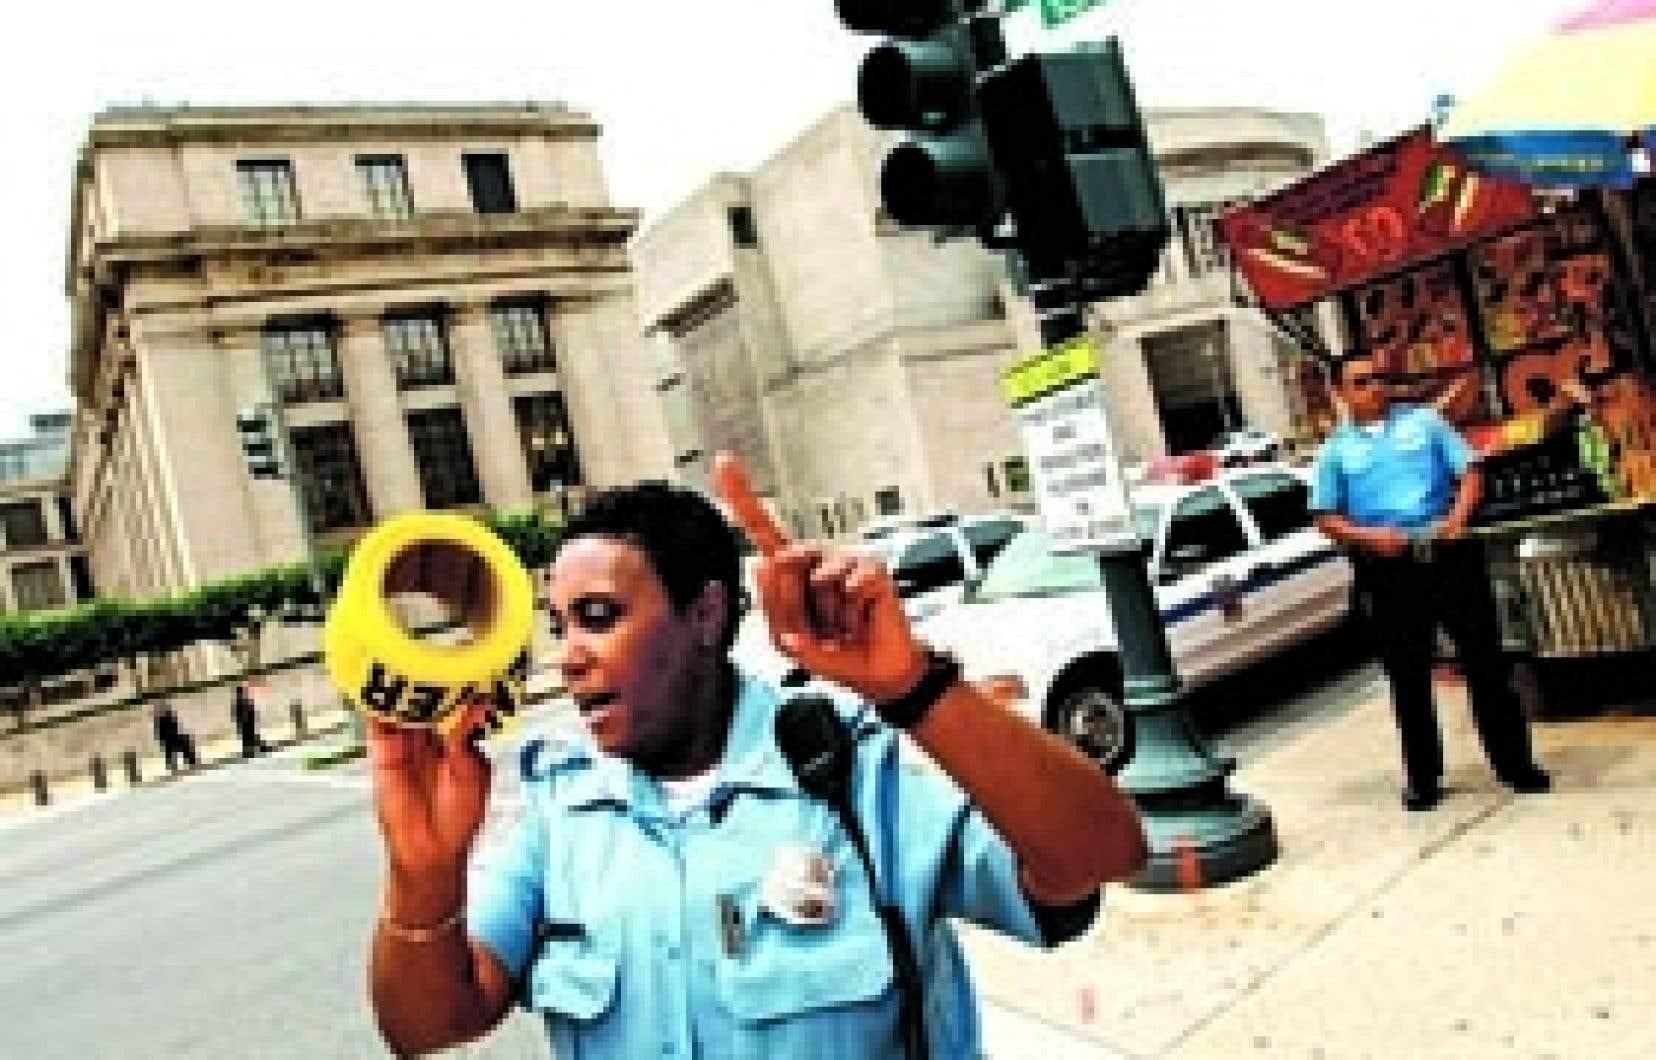 Une policière repousse les badauds en dehors du périmètre de sécurité érigé autour du musée de l'Holocauste.